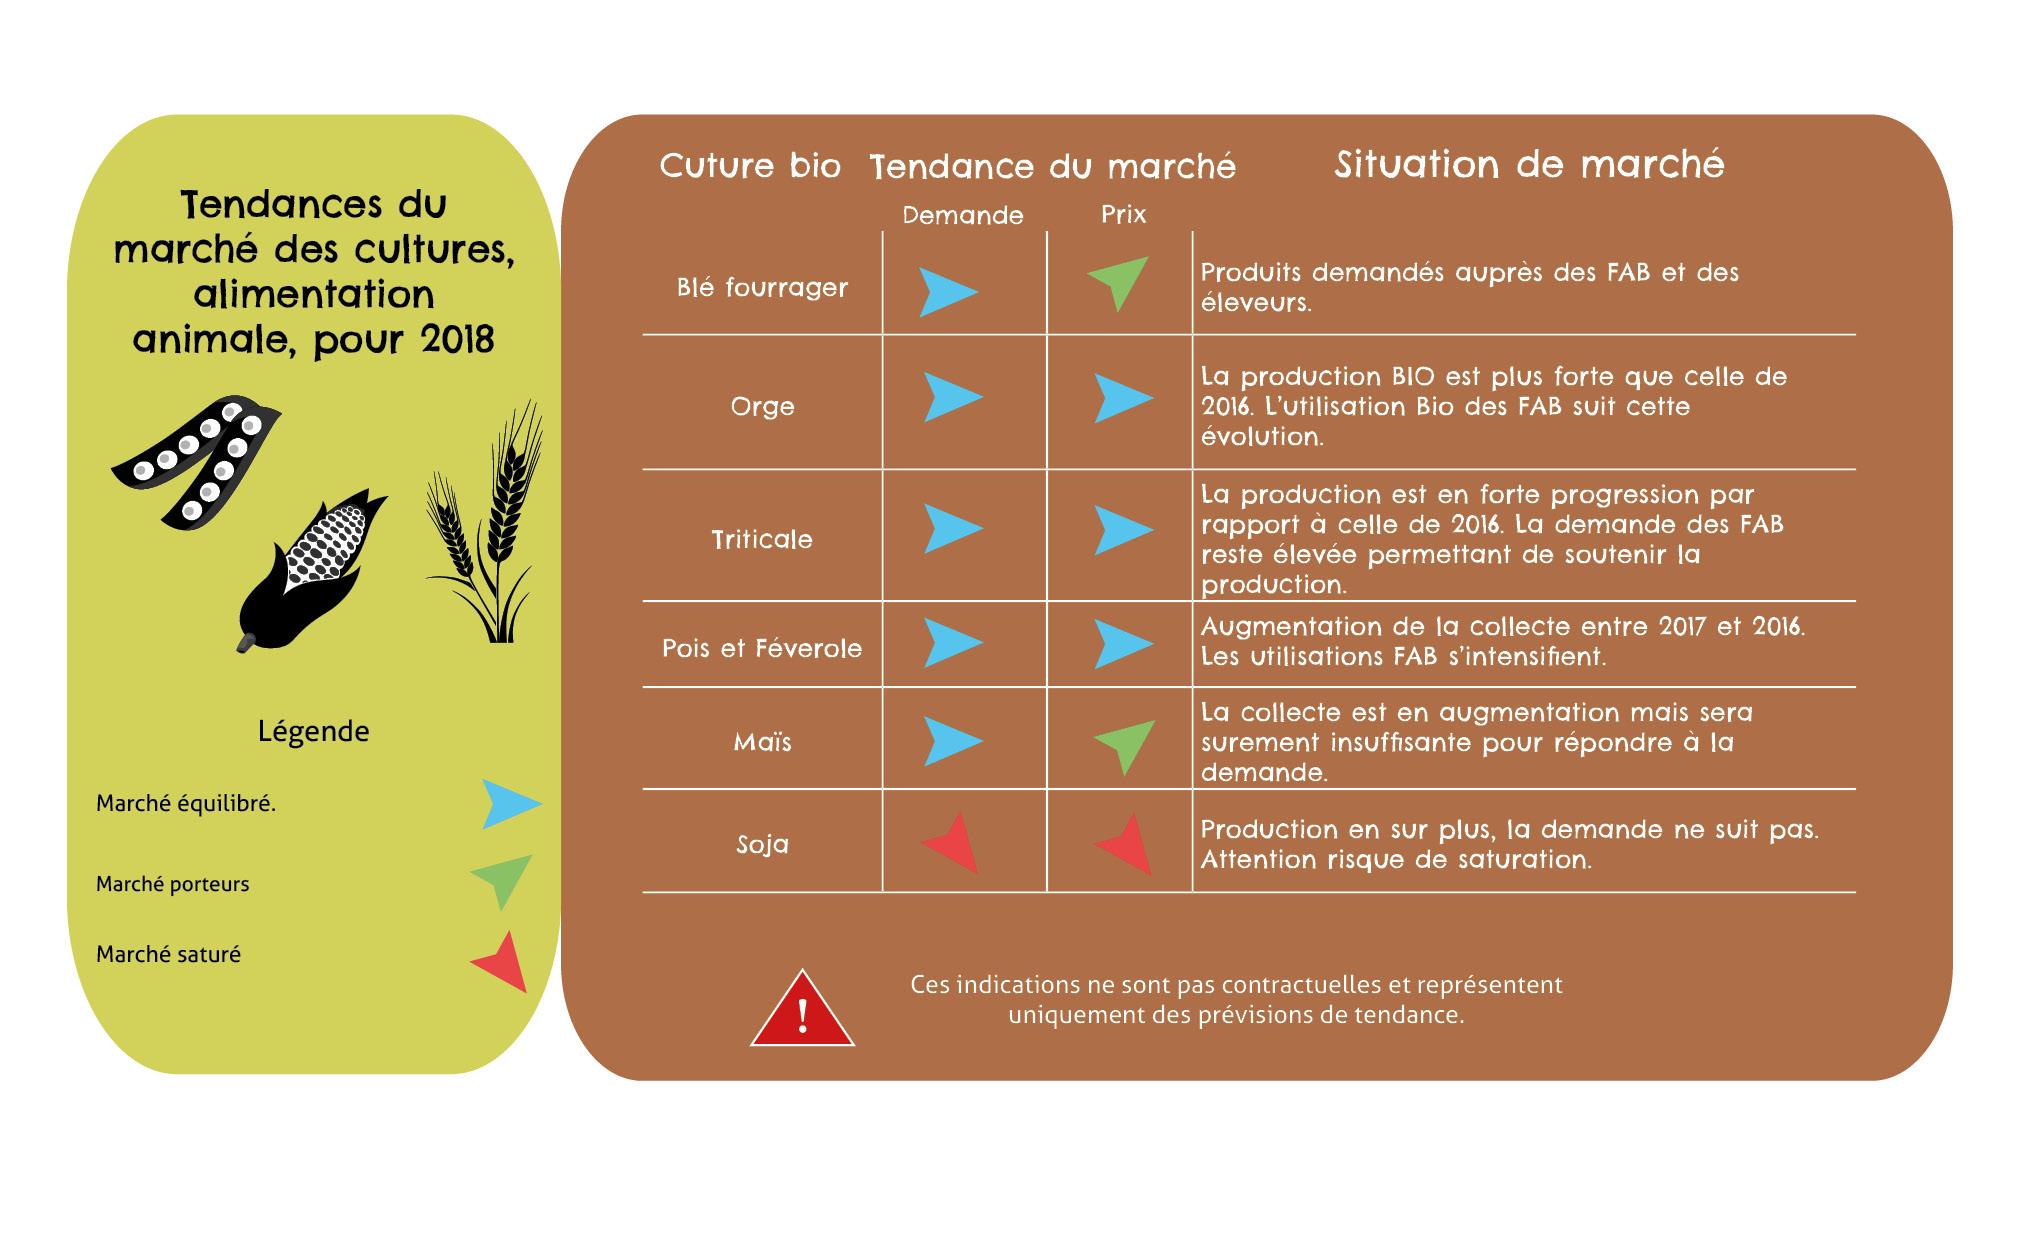 Tendance du marché culture bio alimentation animal 2018 Ar Cour ActiveBio négociant en céréale bio